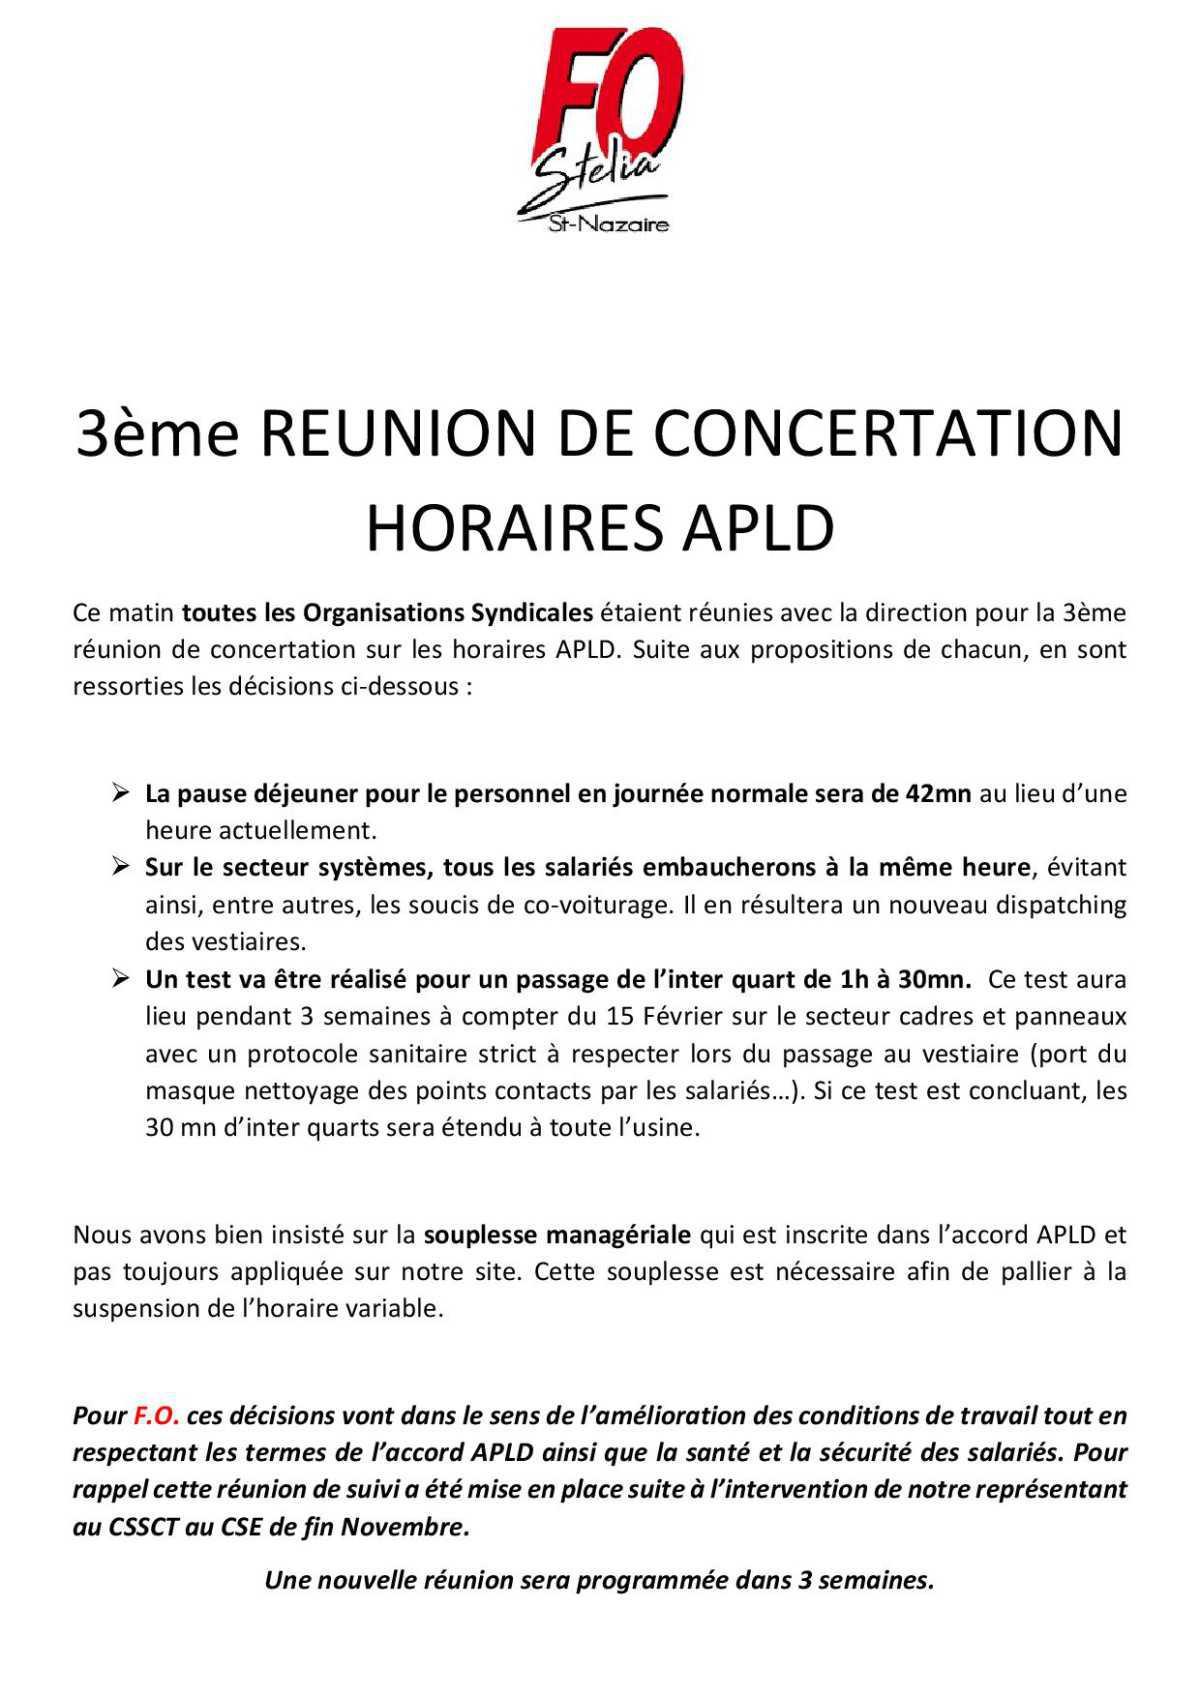 REUNION DE CONCERTATION HORAIRES APLD